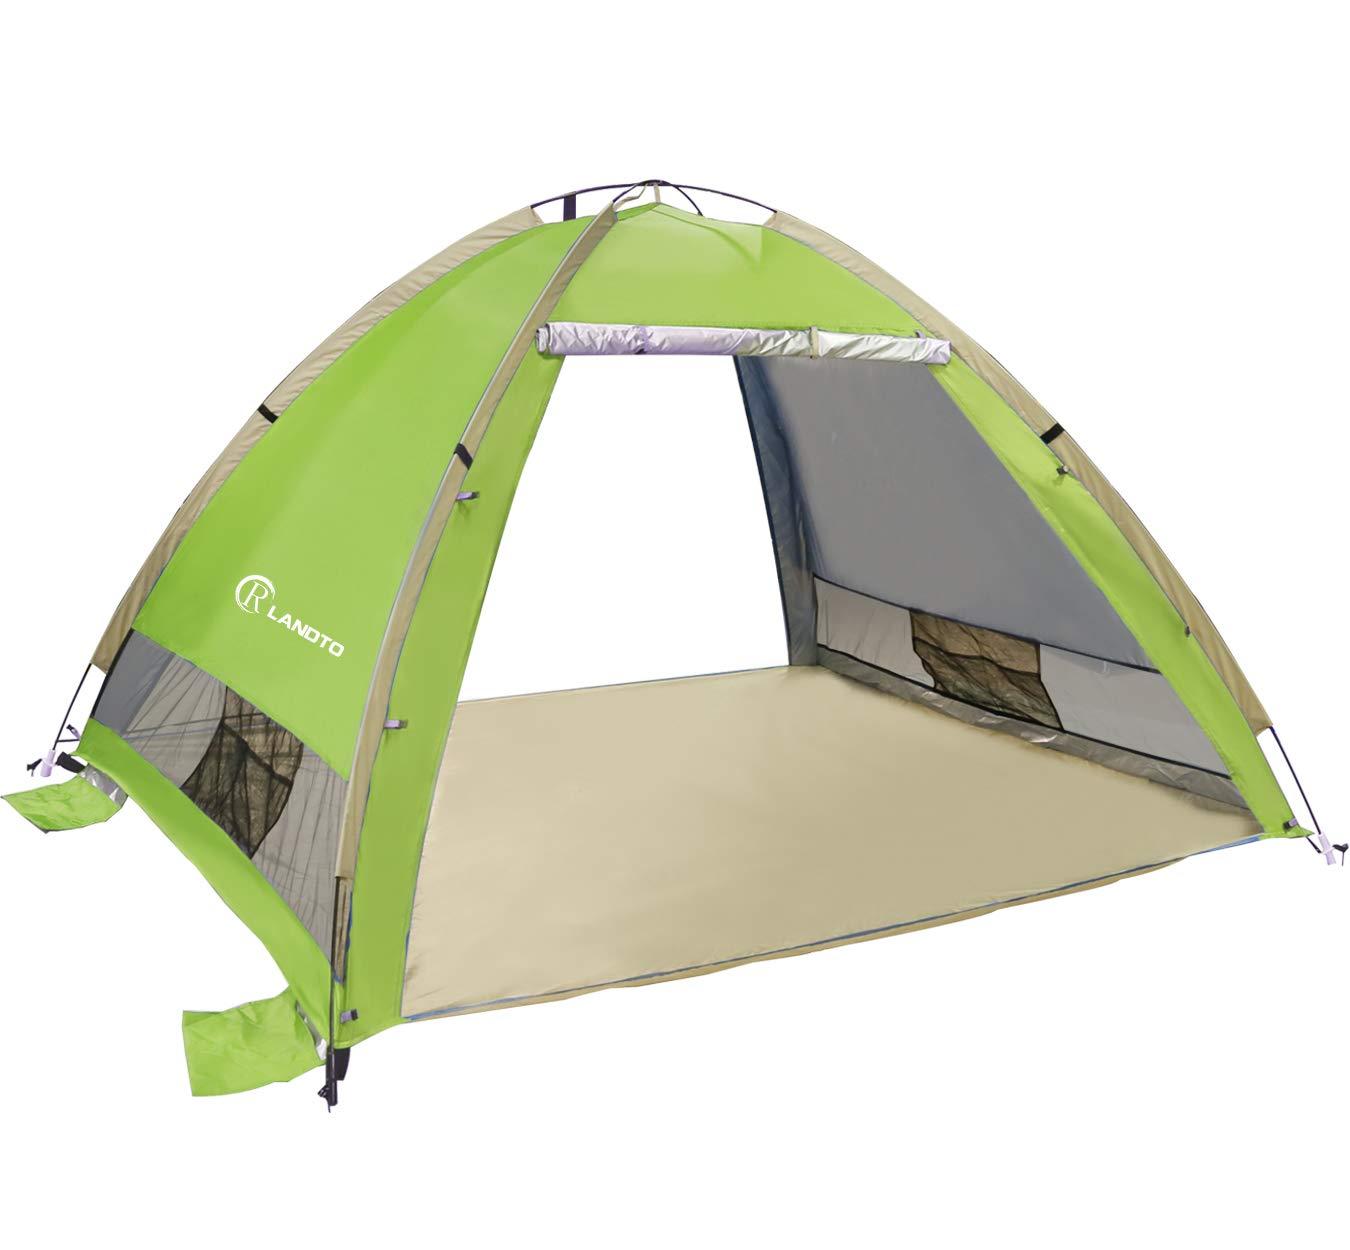 ZOMAKE Pop Up Strandmuschel, Extra Leicht Strandzelt mit Boden UV 80 Sonnenschutz - Familie Tragbares Strand-Zel